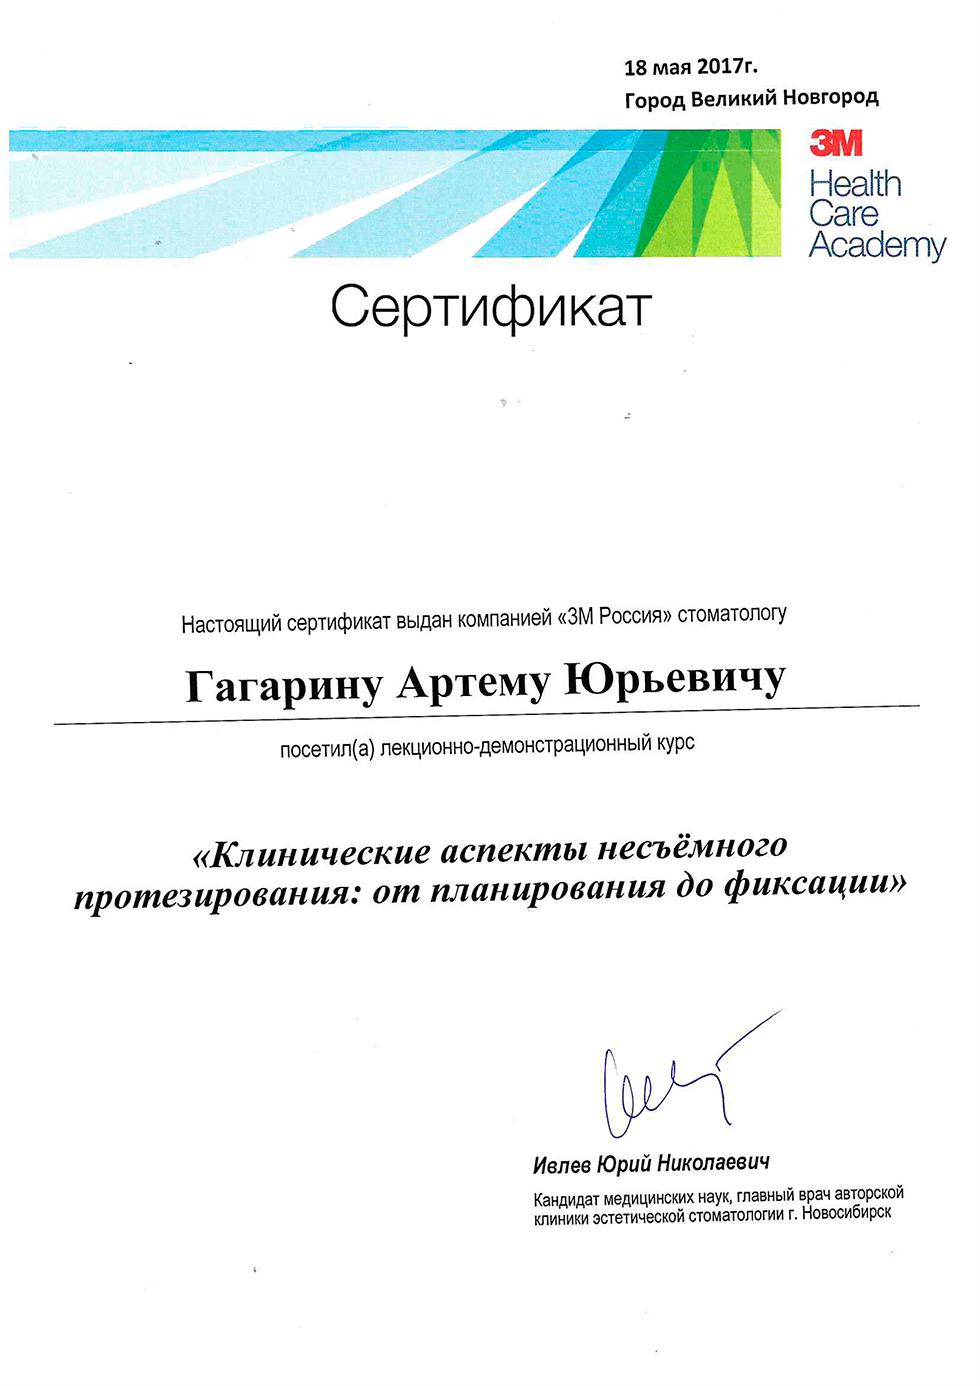 Гагарин2-3